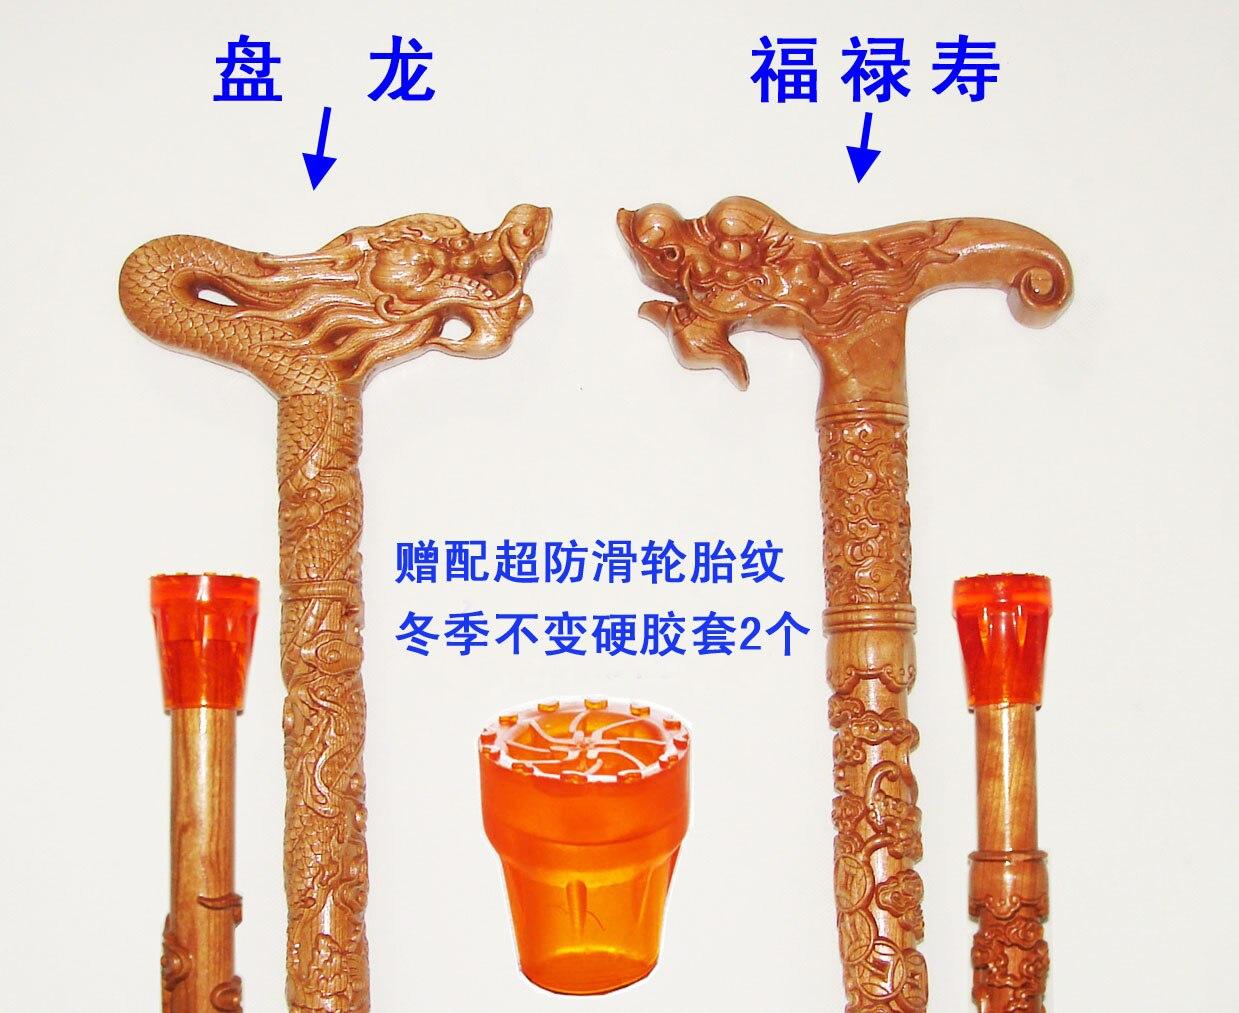 Piété filiale personnes âgées une canne en acajou ancienne tête de phoenix sculpture sur bois artisanat bâton de dragon peut